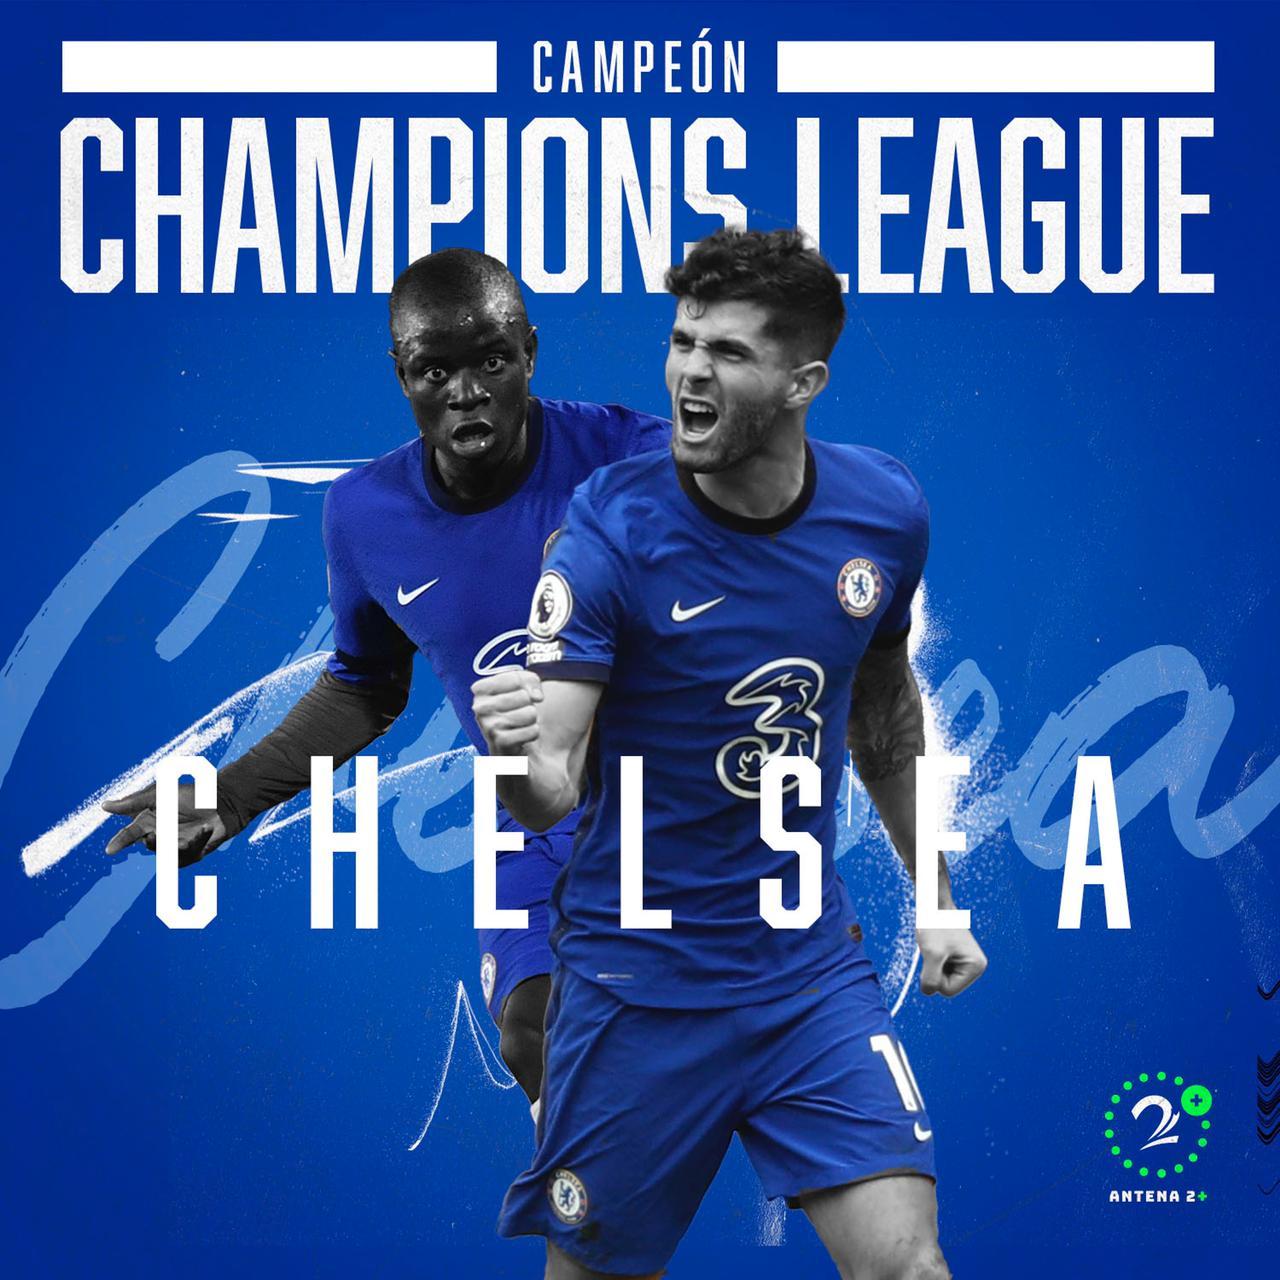 Chelsea doblegó a Manchester City y es campeón de Champions League